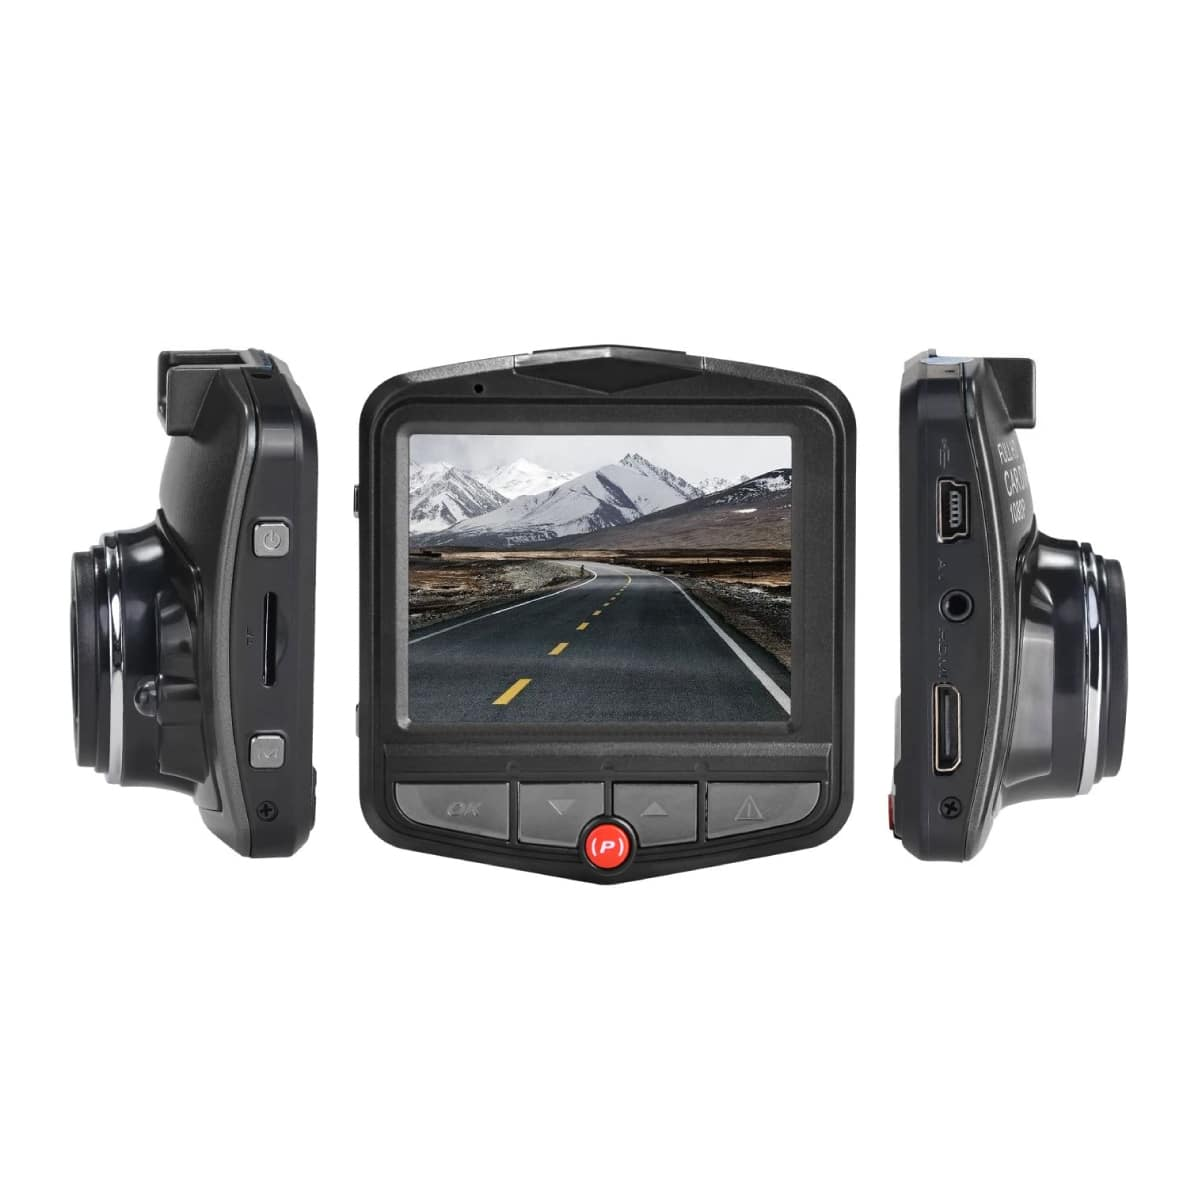 מצלמת רכב – קיוב קאר